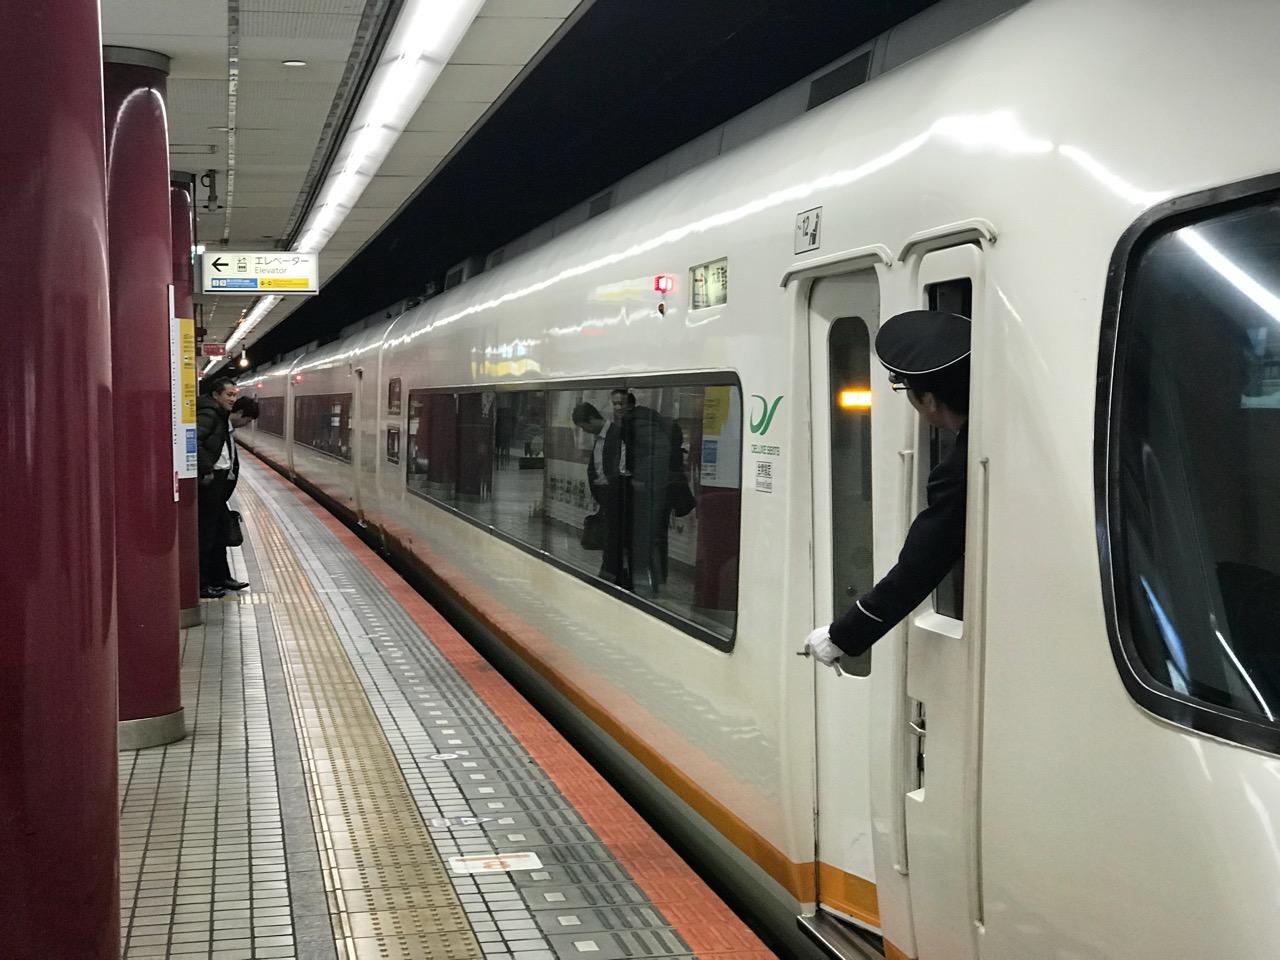 近鉄名古屋から大阪上本町へ。アーバンライナーのデラックスシートで移動。コンセント付き